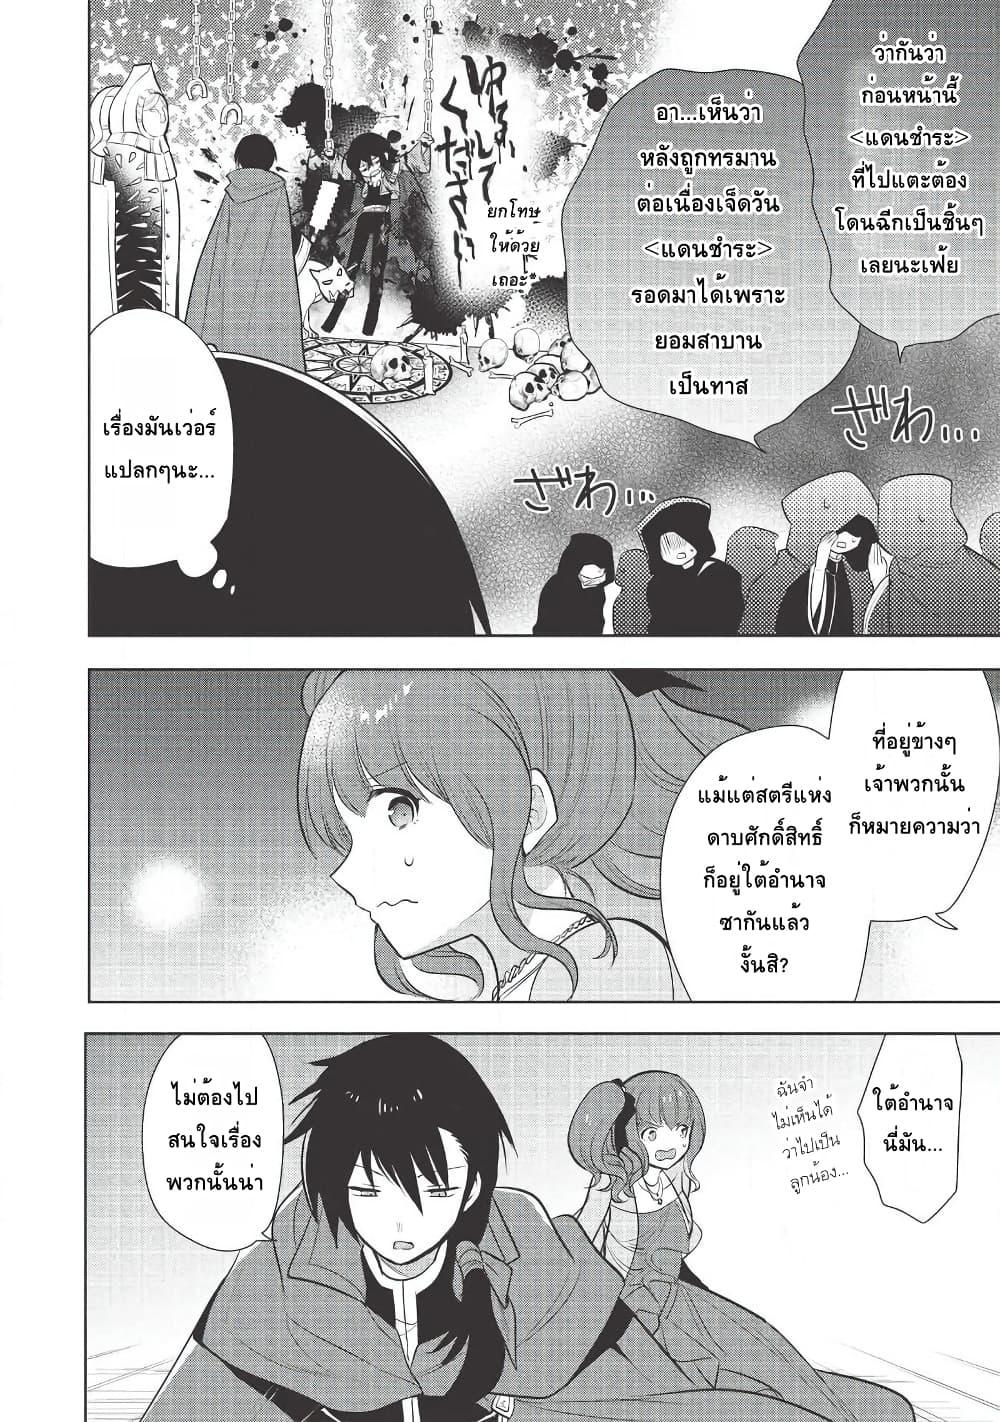 อ่านการ์ตูน Maou no Ore ga Dorei Elf wo Yome ni Shitanda ga Dou Medereba Ii ตอนที่ 27 หน้าที่ 29